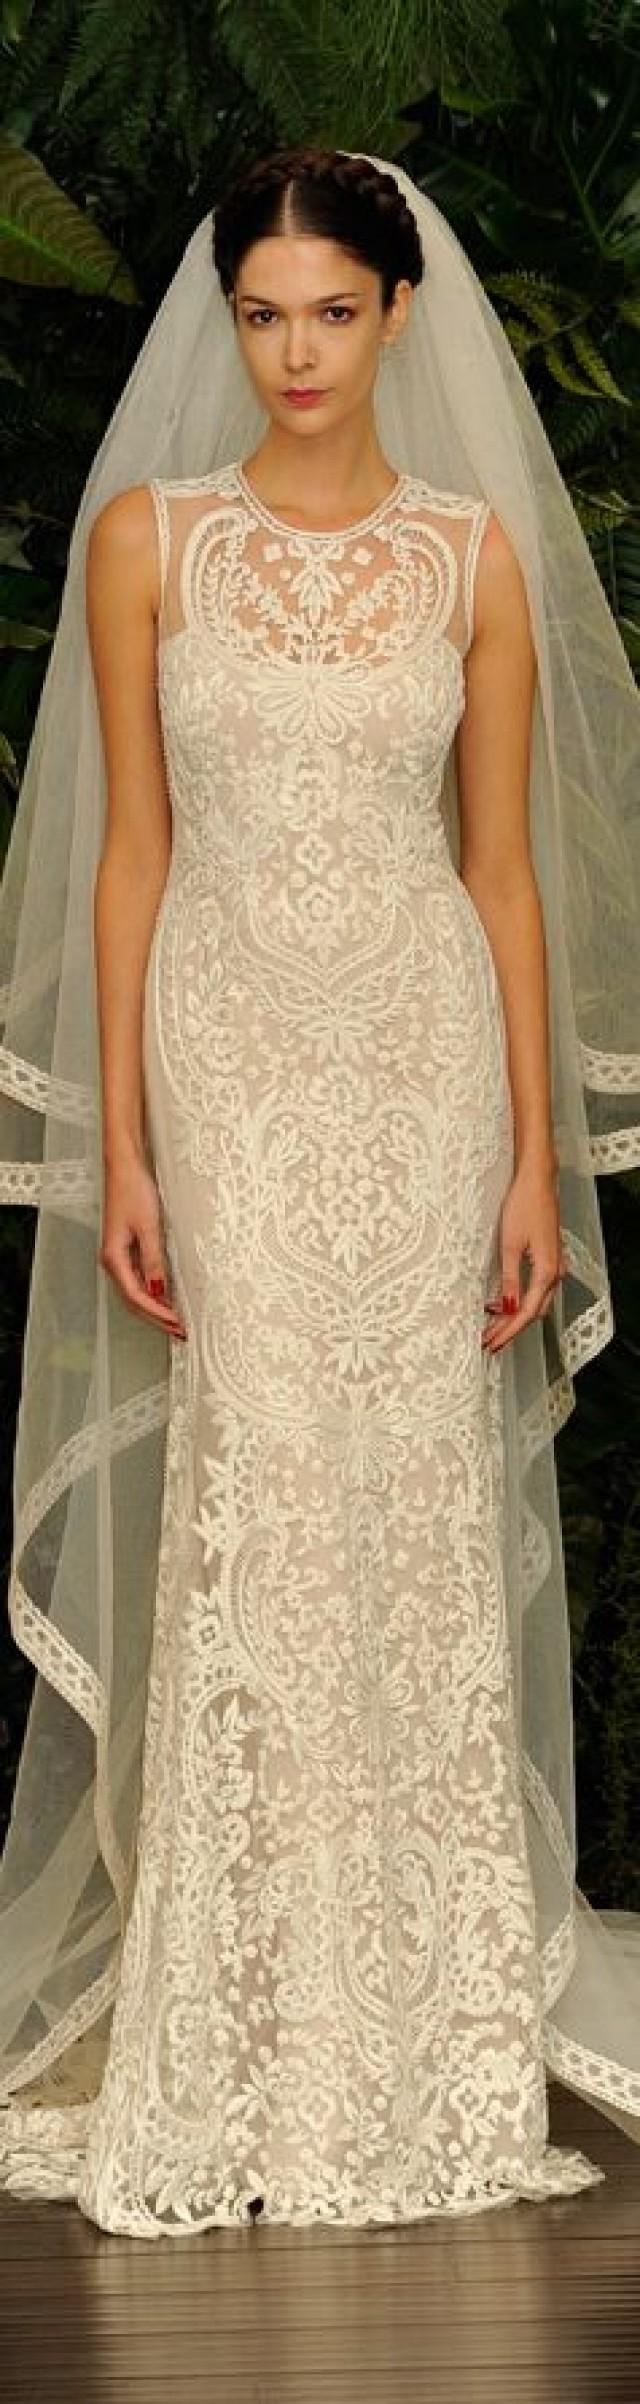 Naeem khan fall winter 2014 wedding dresses 2065679 for Naeem khan wedding dress